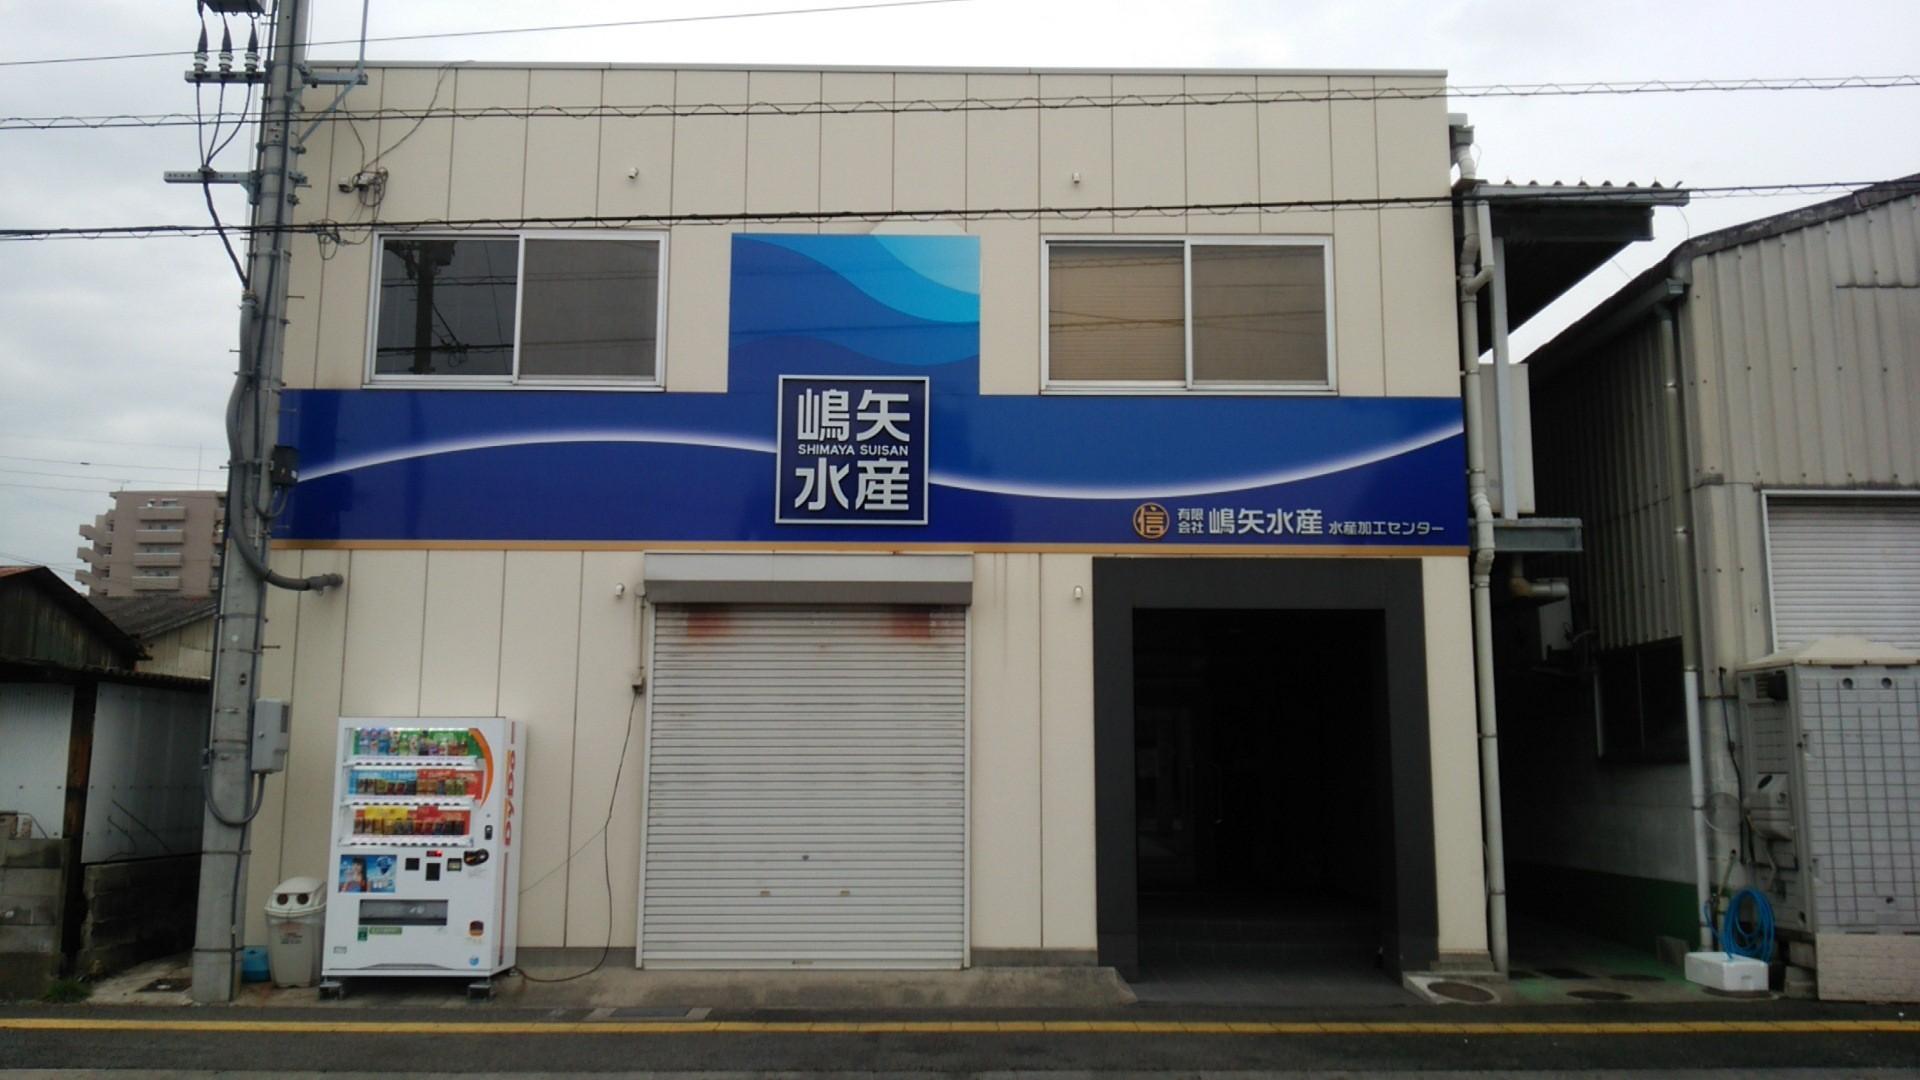 有限会社嶋矢水産 加工センター 一般事務スタッフのアルバイト情報